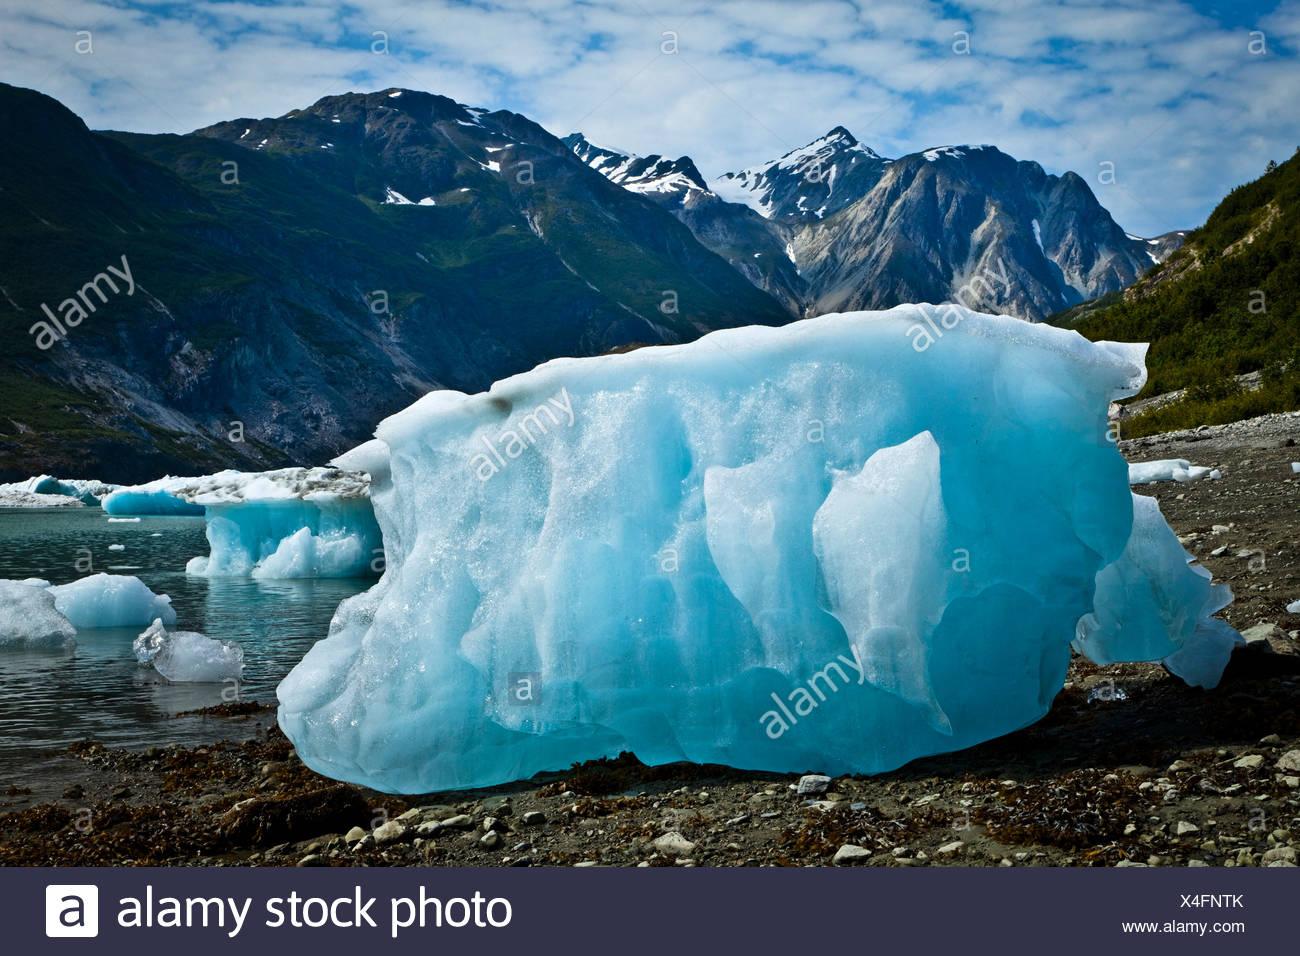 Icebergs from McBride Glacier stranded on shore at low tide, Muir Inlet, Glacier Bay National Park & Preserve, Southeast Alaska - Stock Image